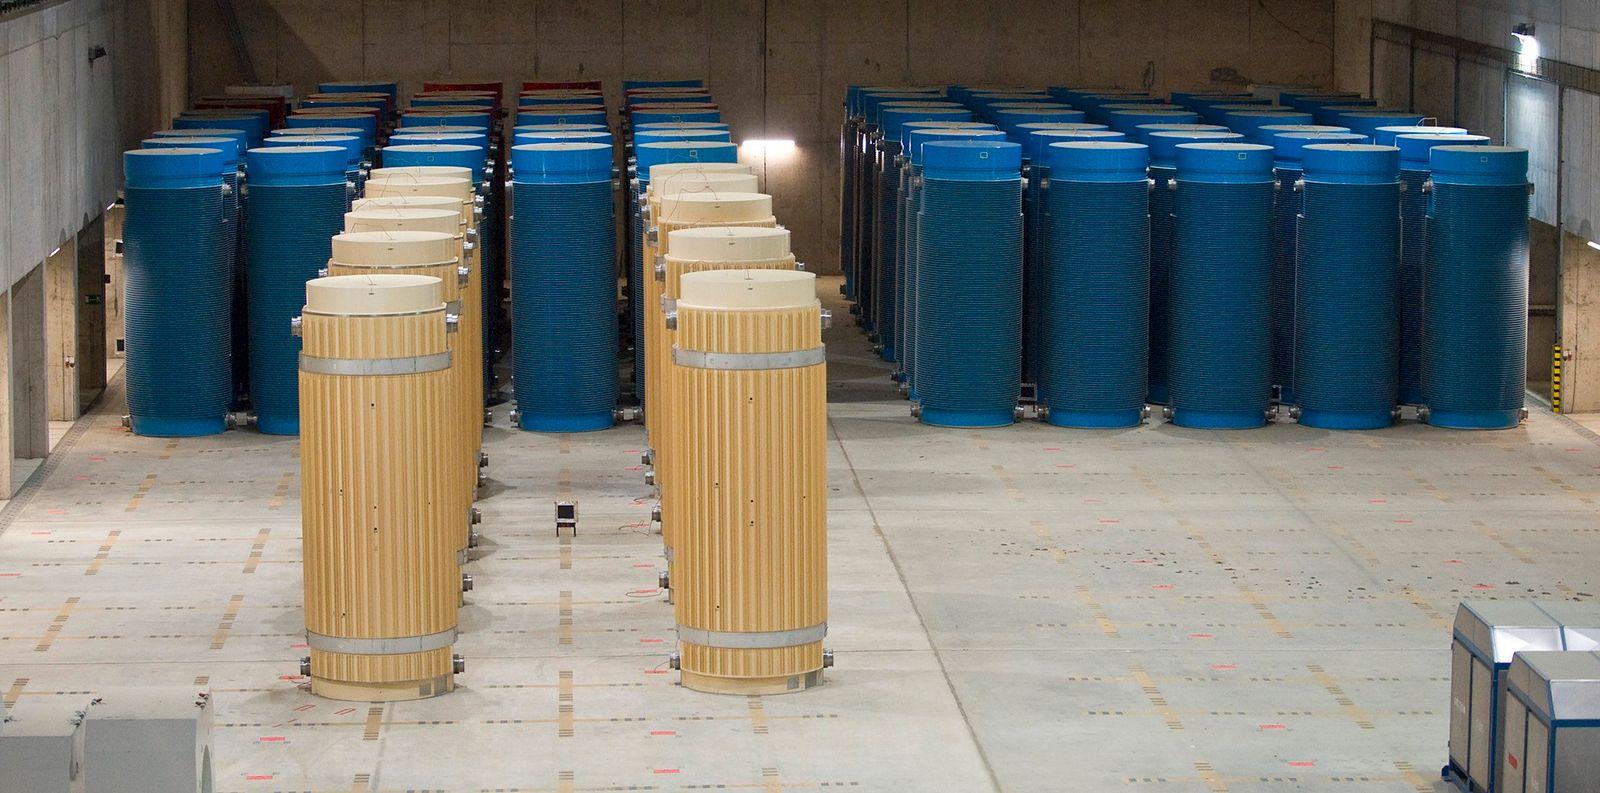 'Castor' containers stand in 'Zwischnlager Gorleben' temporary nuclear waste storage facility in Gorleben